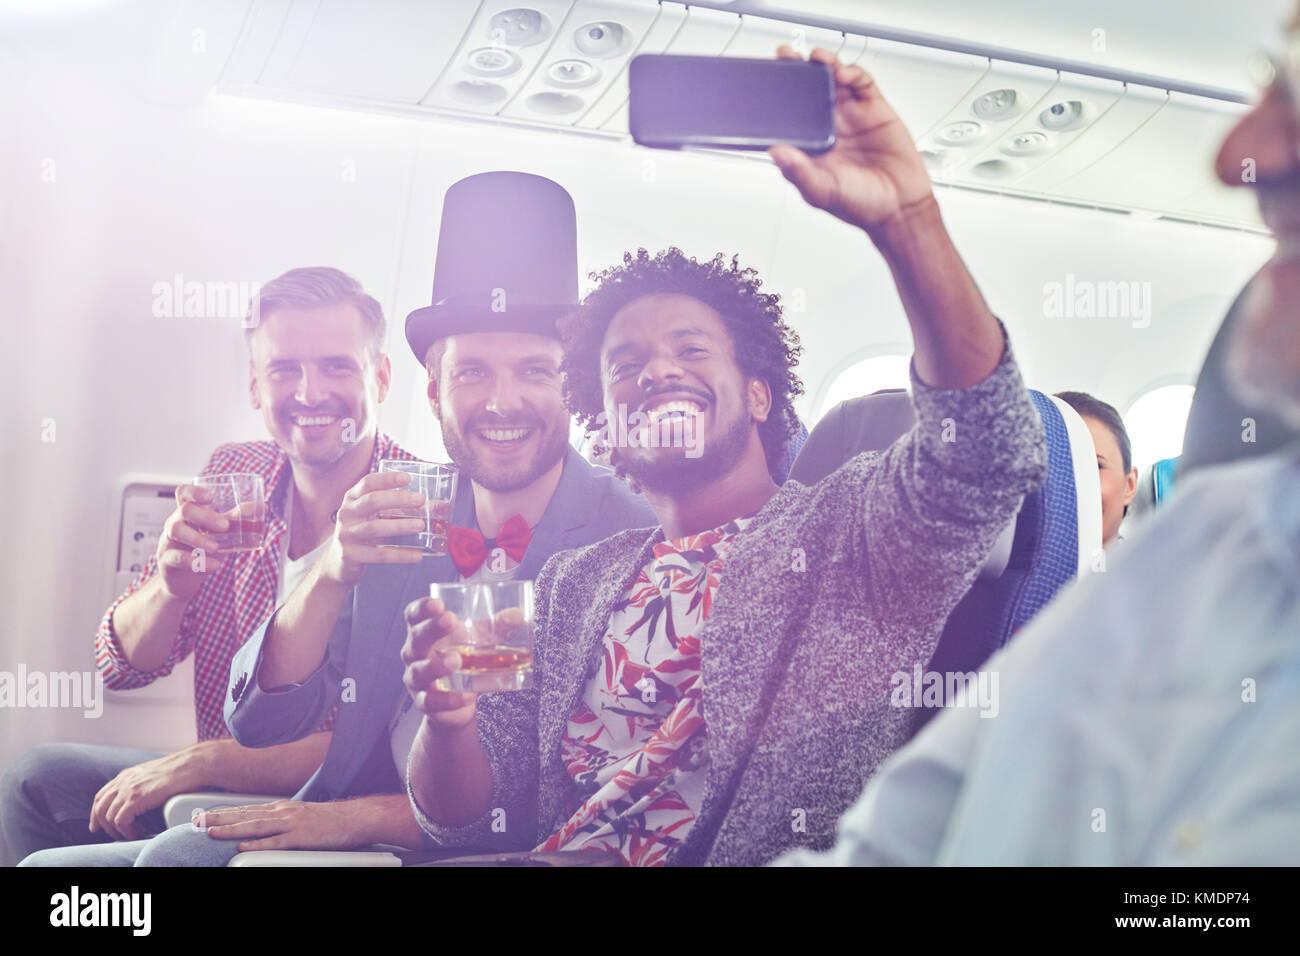 Begeisterte junge männliche Freunde mit Kamera Handy trinken und selfie auf Flugmodus Stockbild